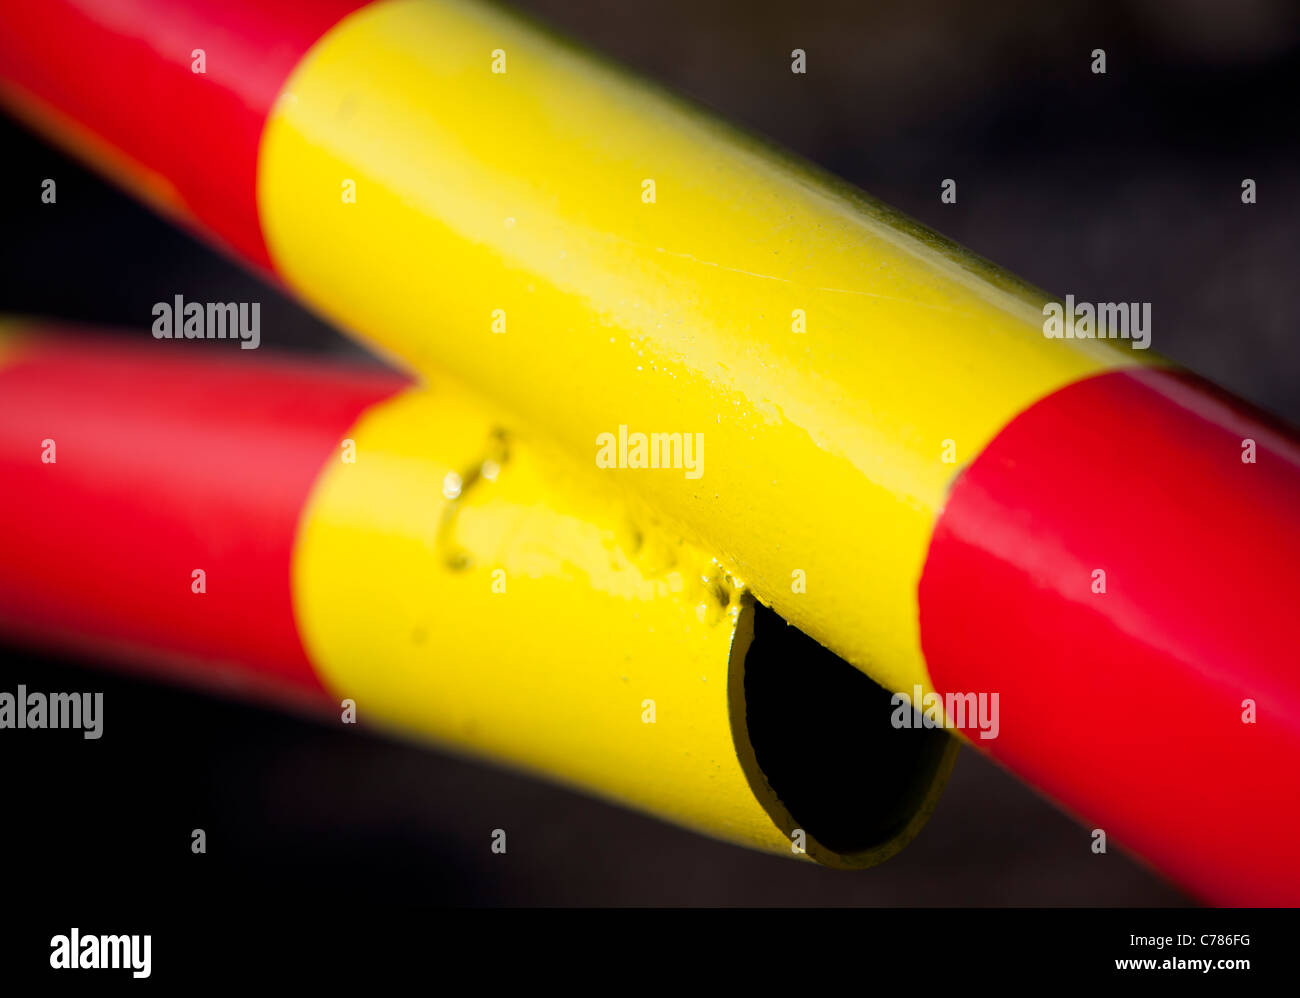 Acercamiento de rayas rojas y amarillas de pluma de metal Imagen De Stock